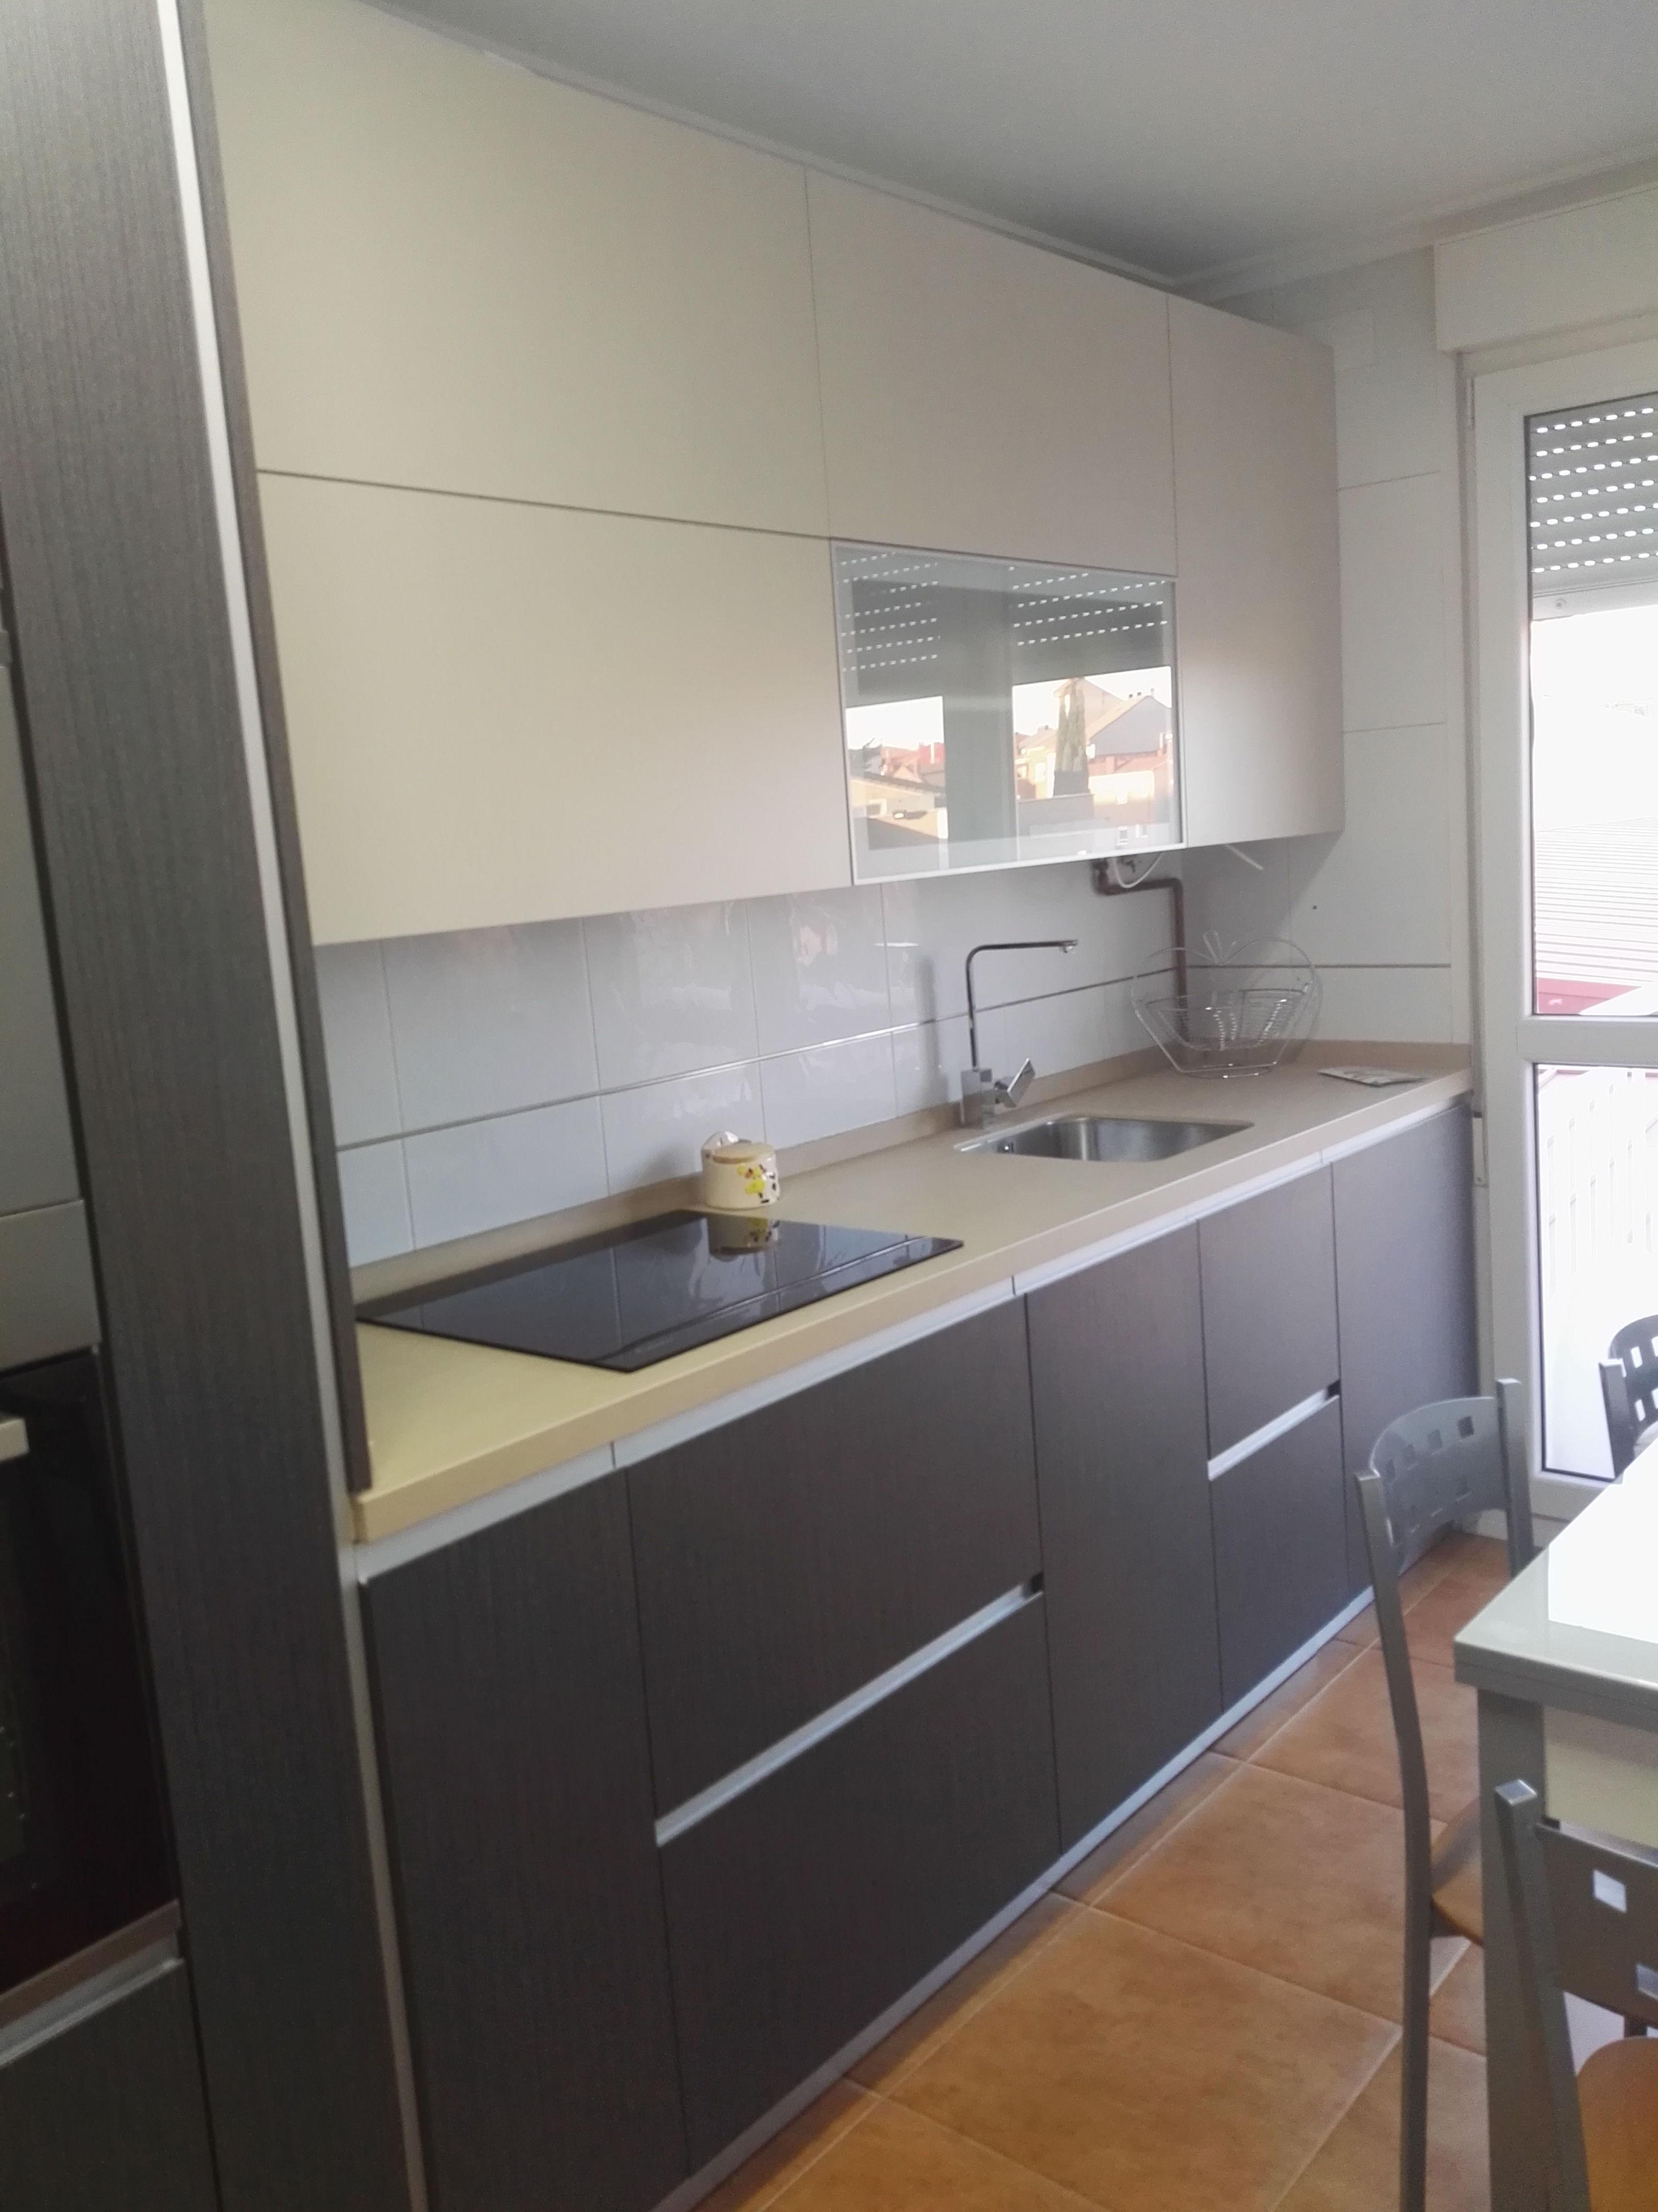 Foto 101 de Reformas en baños y cocinas en Trobajo del Camino   F. Alba, cocinas y baños